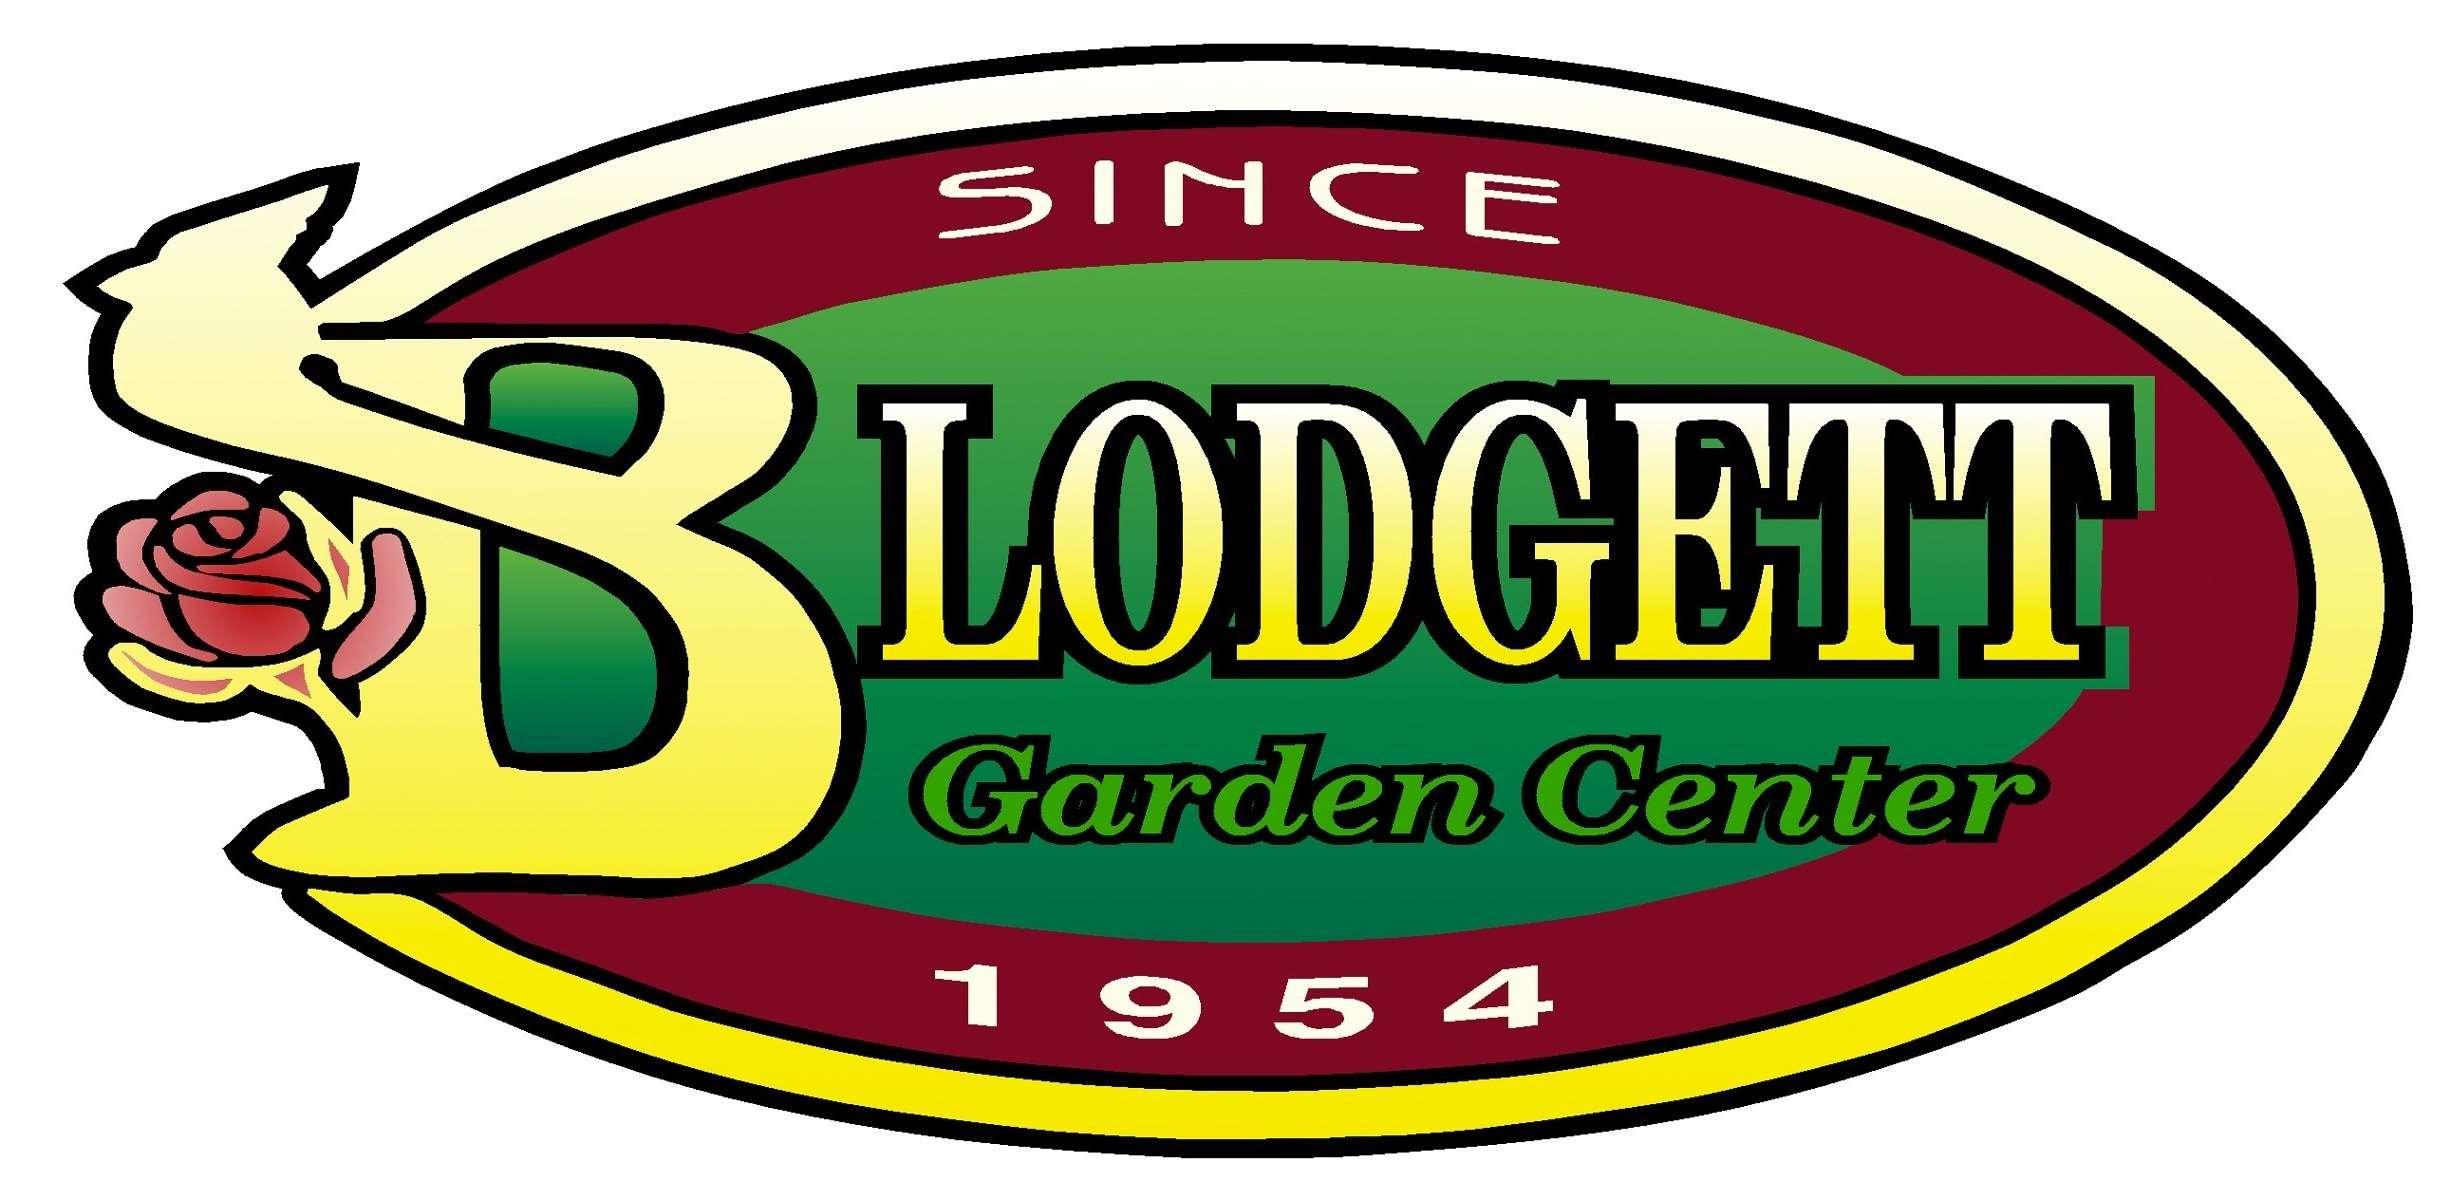 Blodgett Garden Center